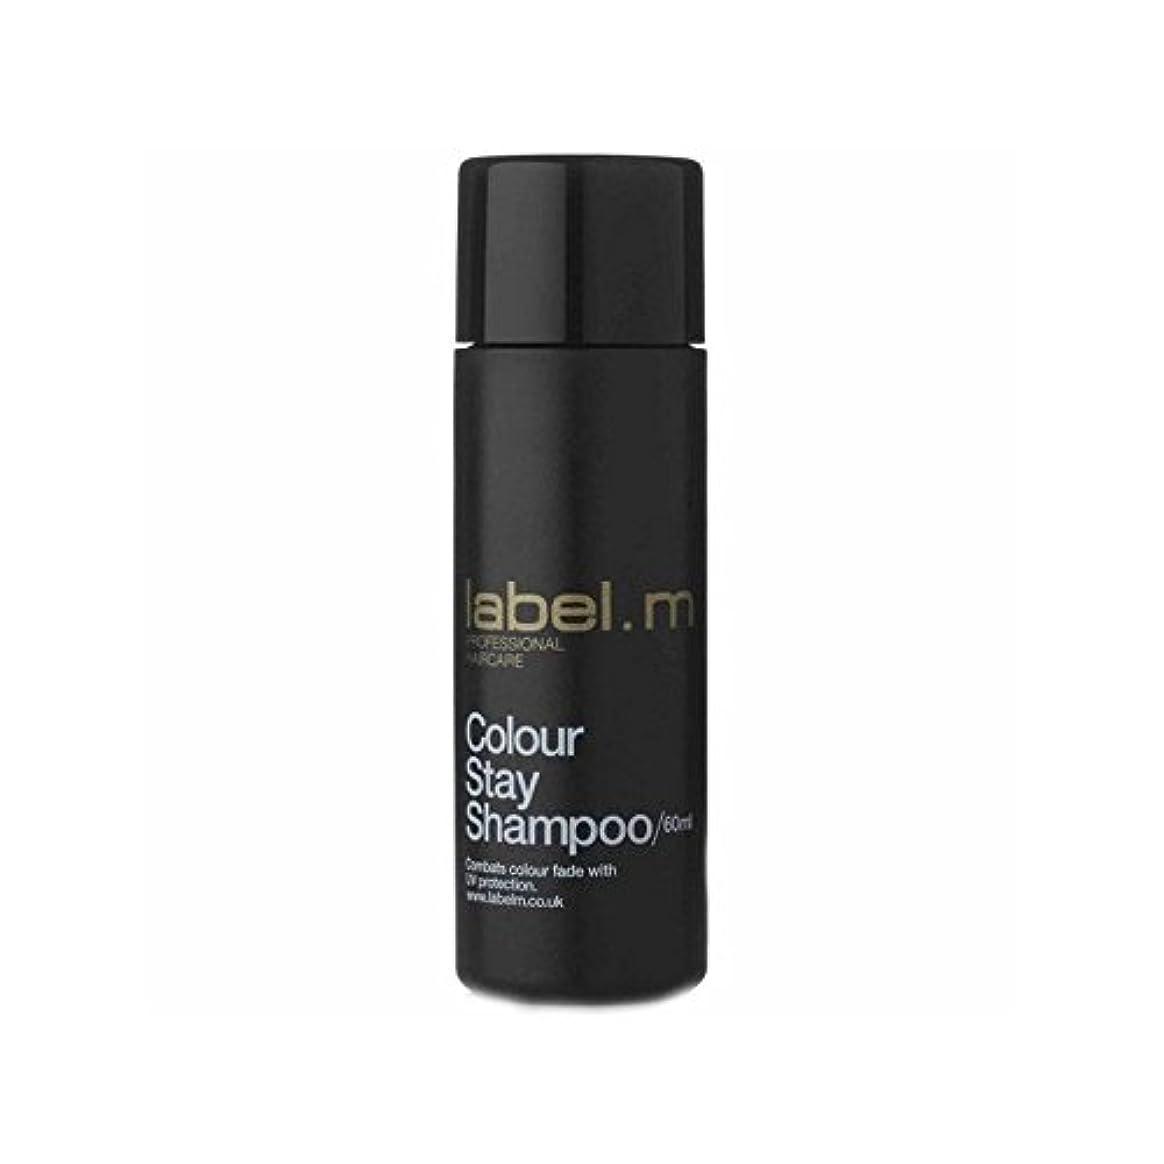 建てる修士号吐く.カラーステイシャンプーの旅行サイズ(60ミリリットル) x2 - Label.M Colour Stay Shampoo Travel Size (60ml) (Pack of 2) [並行輸入品]